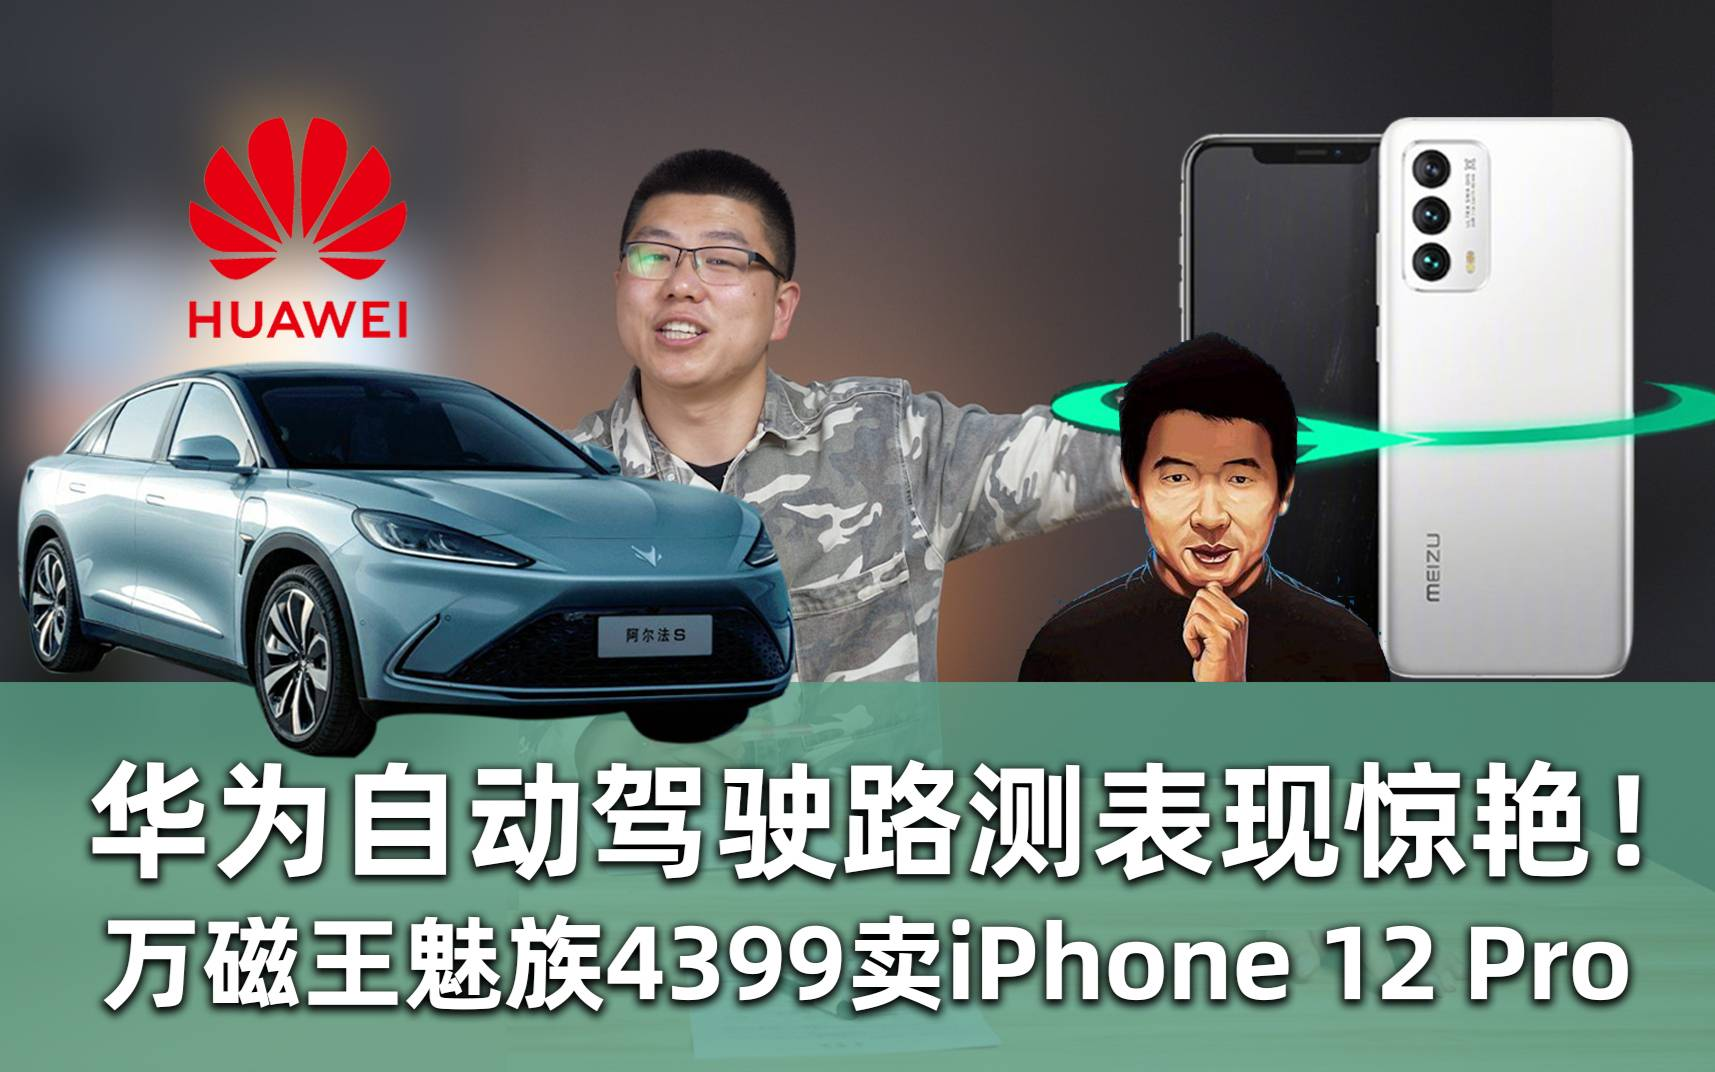 【E周报】57:华为自动驾驶路测表现惊艳!万磁王魅族4399卖iPhone 12 Pro